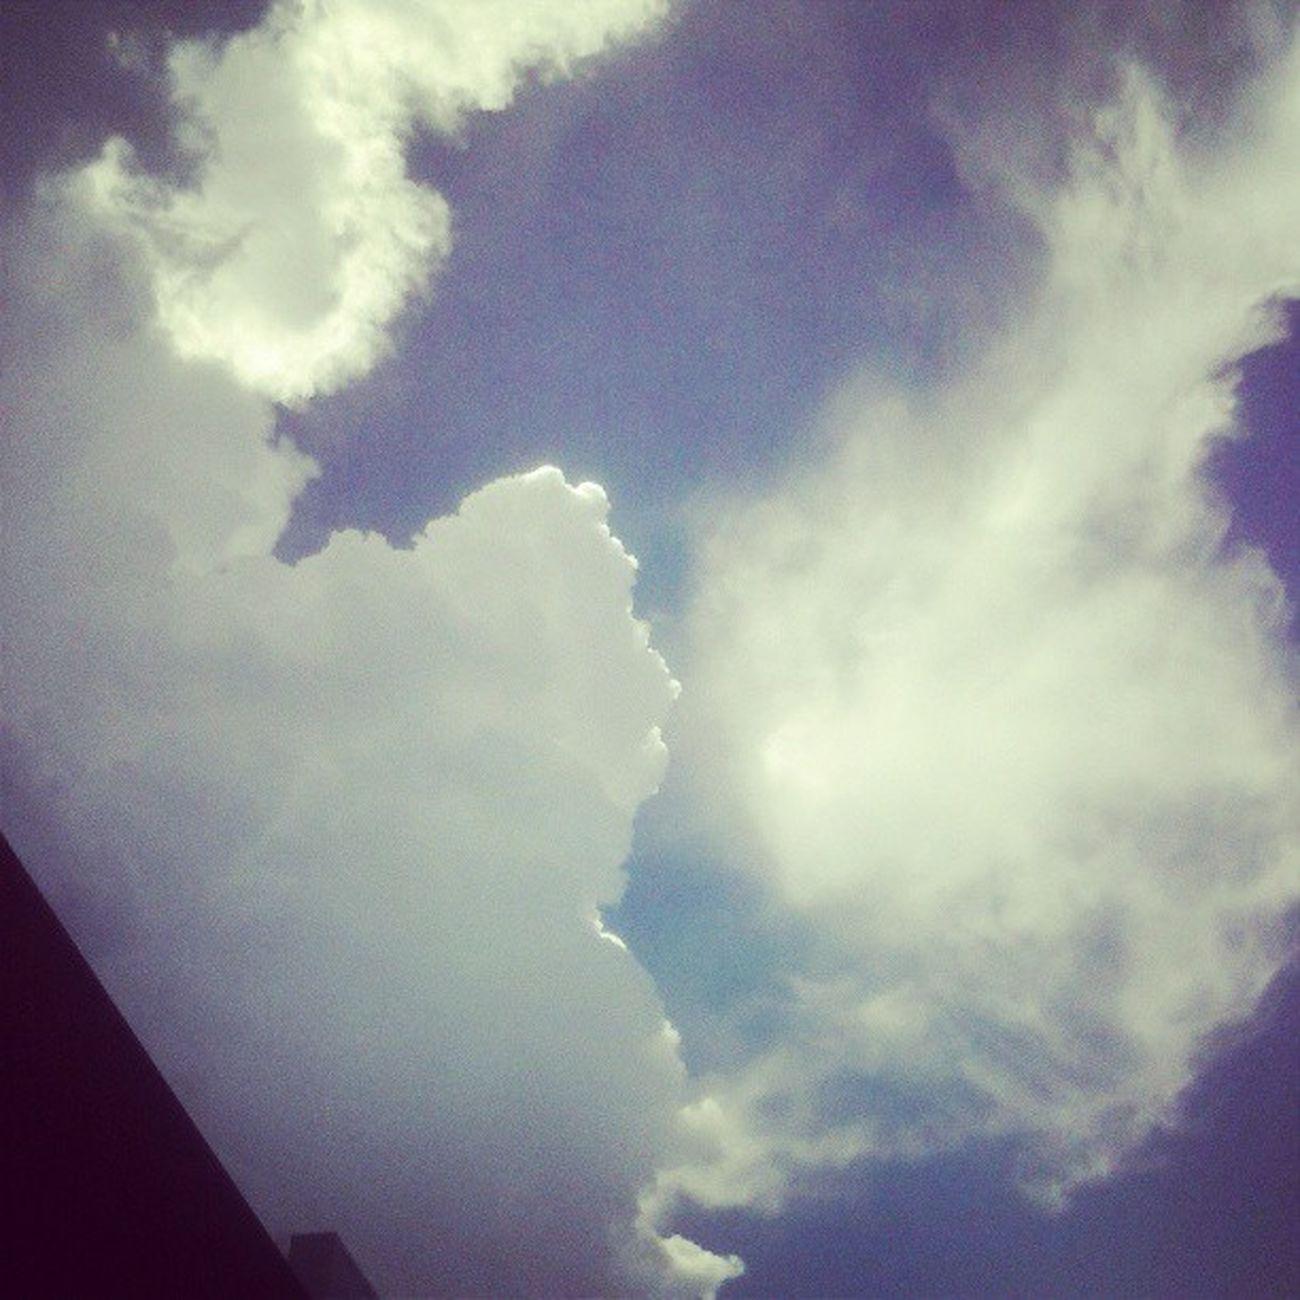 """""""Só o que é bom dura tempo bastante pra se tornar inesquecível."""" Esse céu azul agora é seu Chorão <3333 LutoChor ão"""